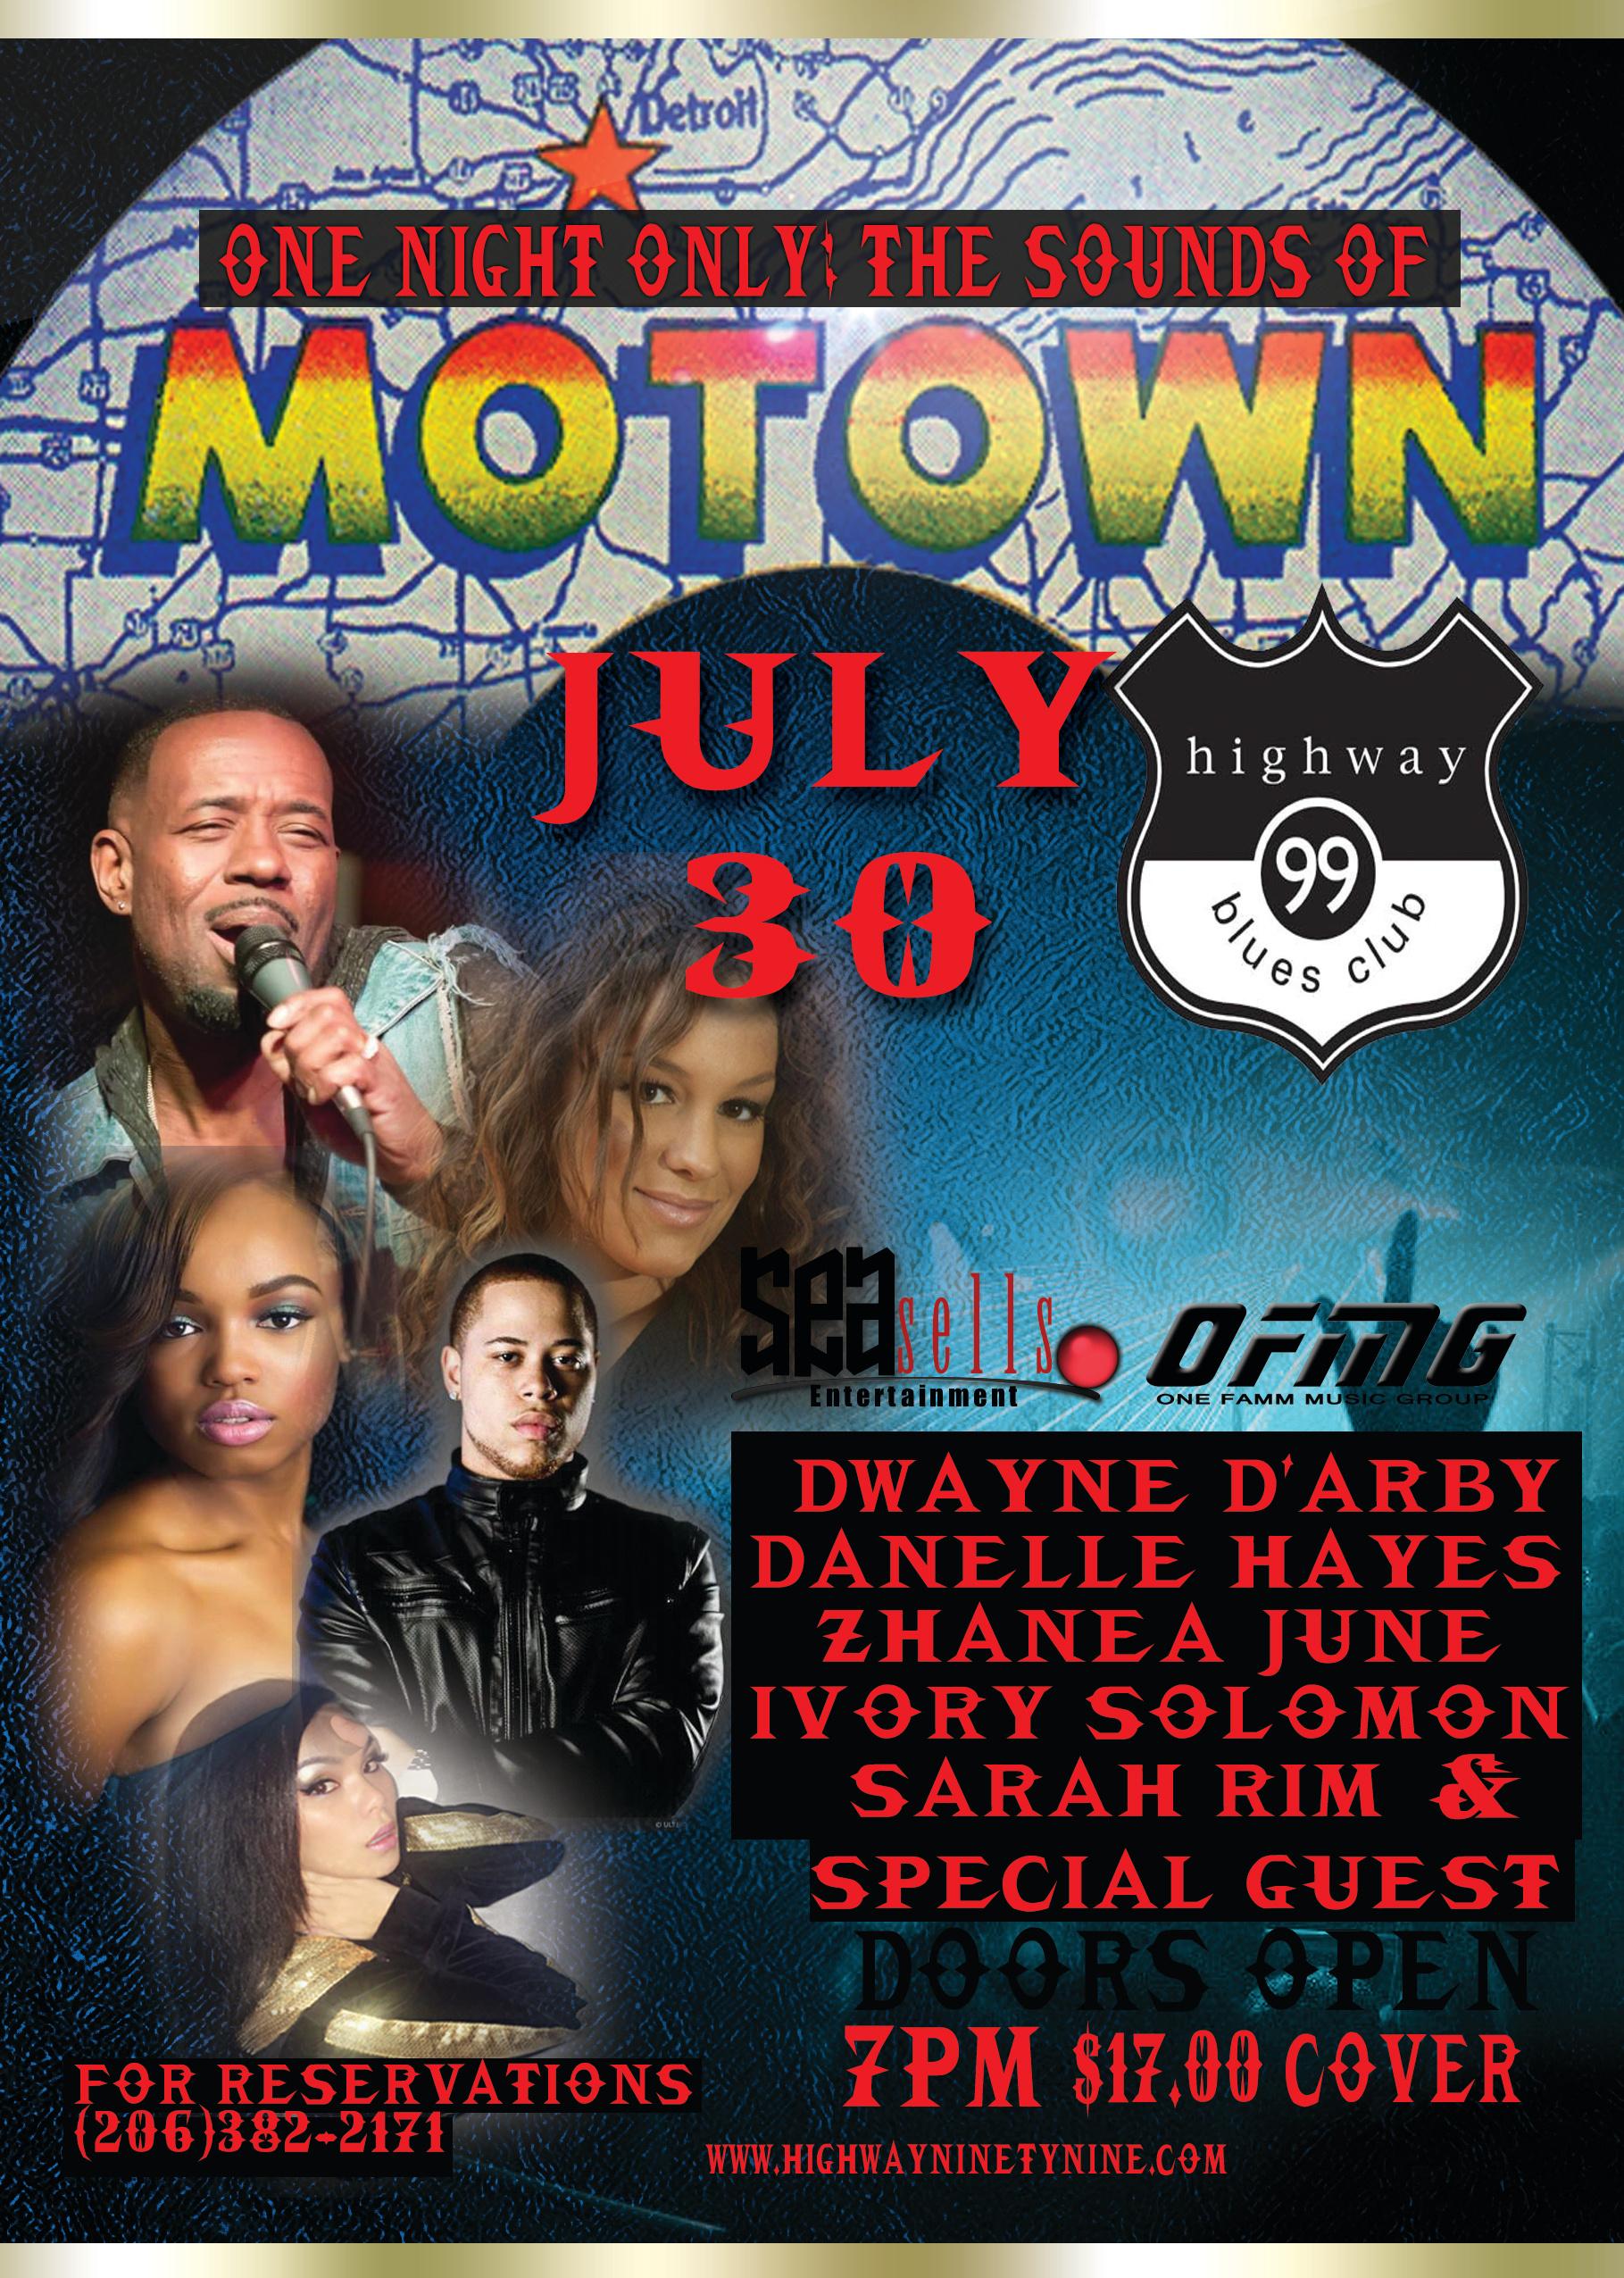 Motown HW 99 July 30th